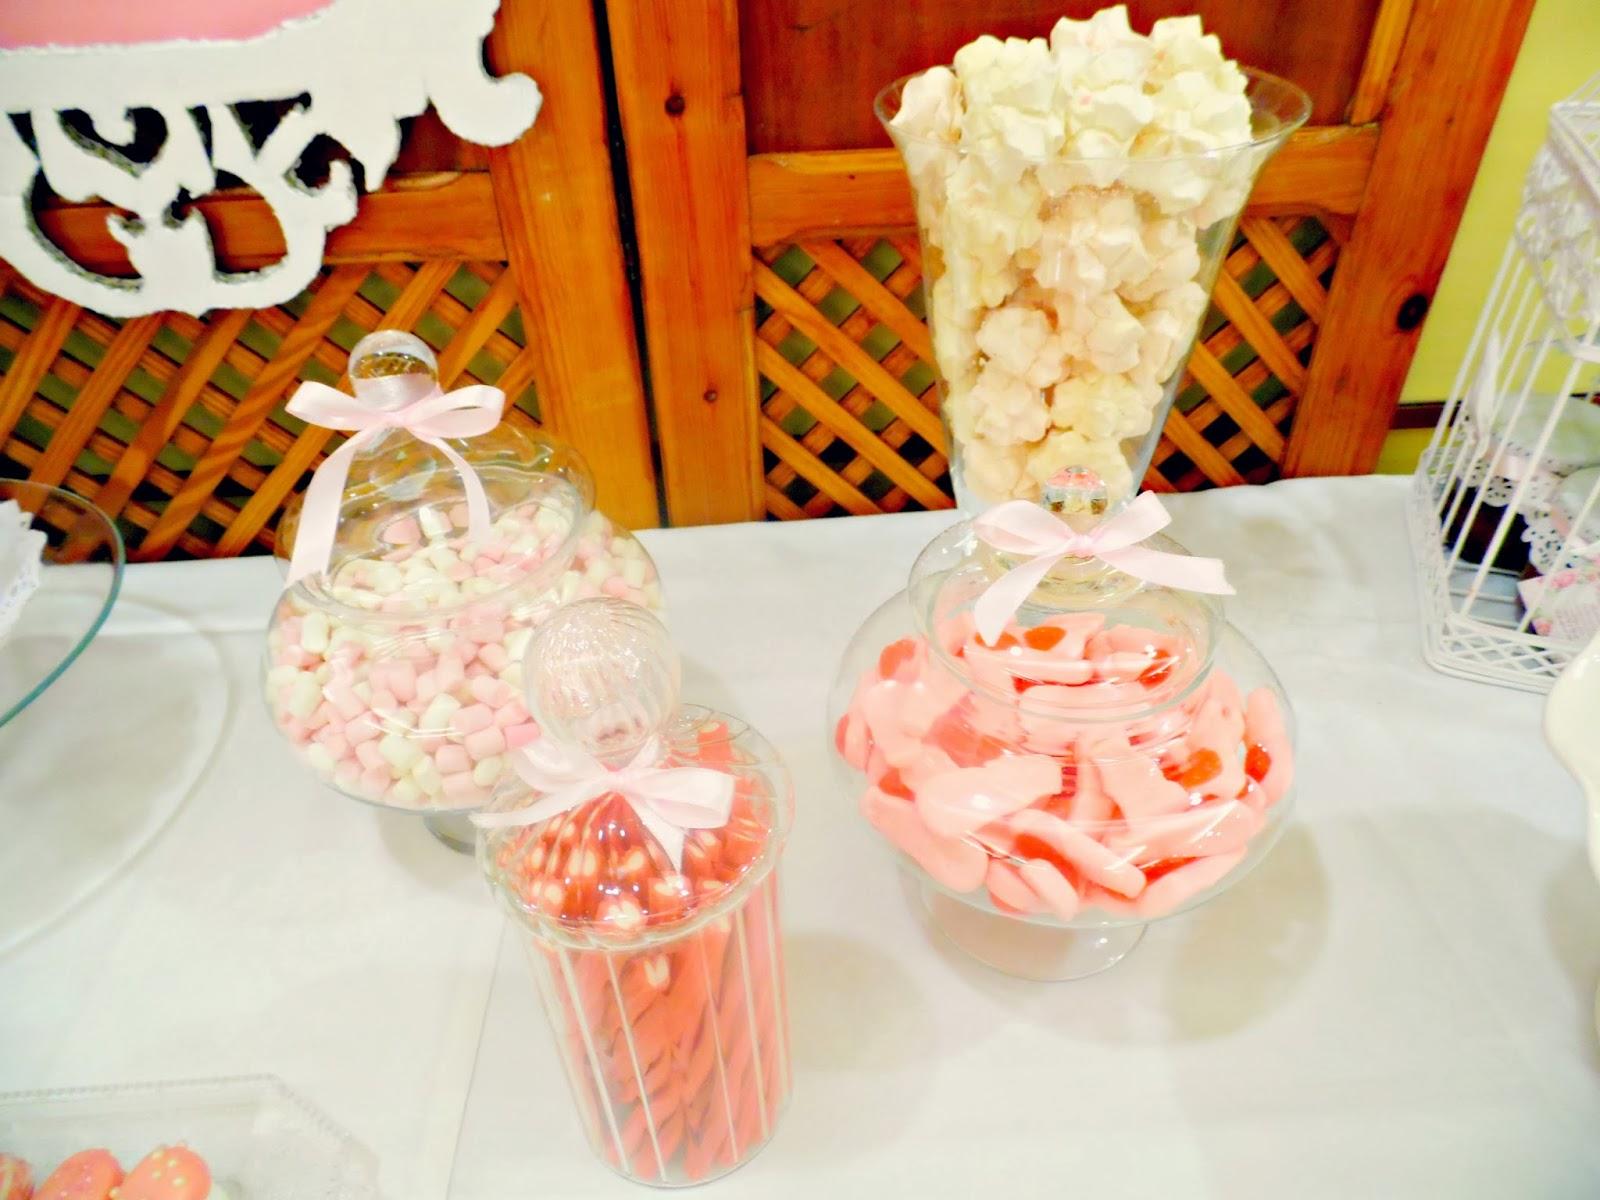 http://www.experimentando-enla-cocina.blogspot.com.es/2013/10/candy-bar-boda-y-la-receta-de-los.html